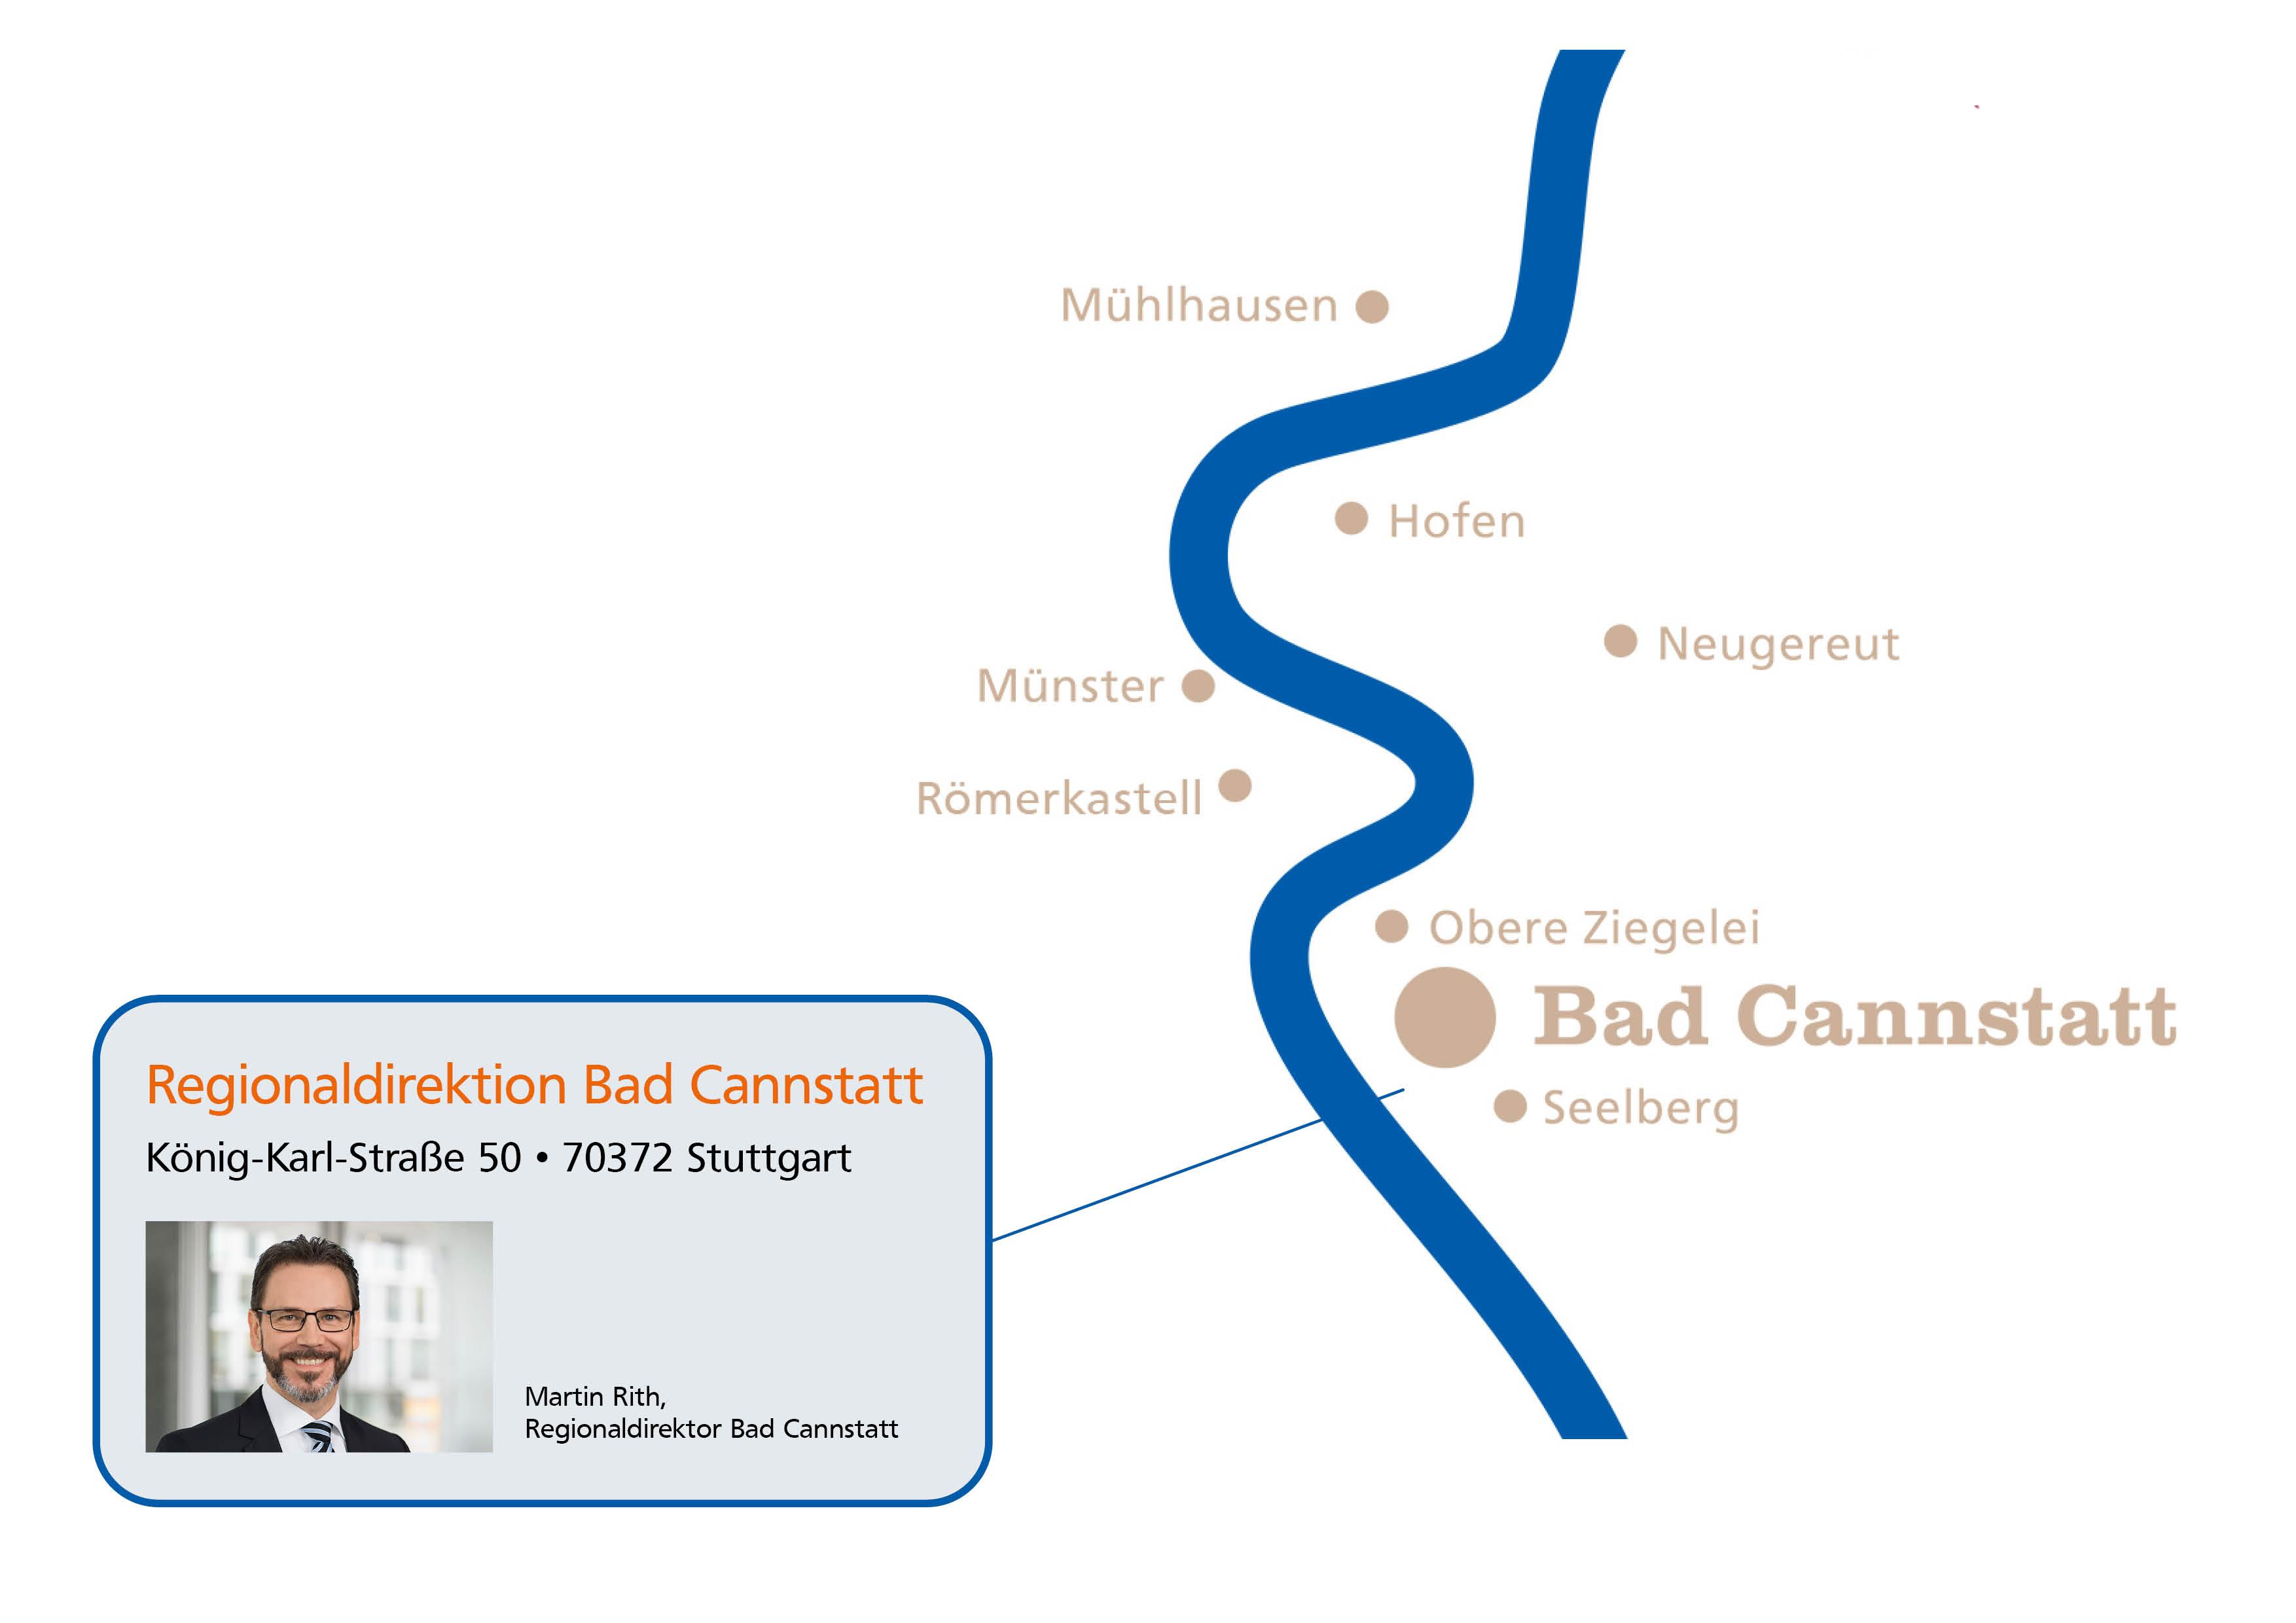 Regionaldirektion Bad Cannstatt